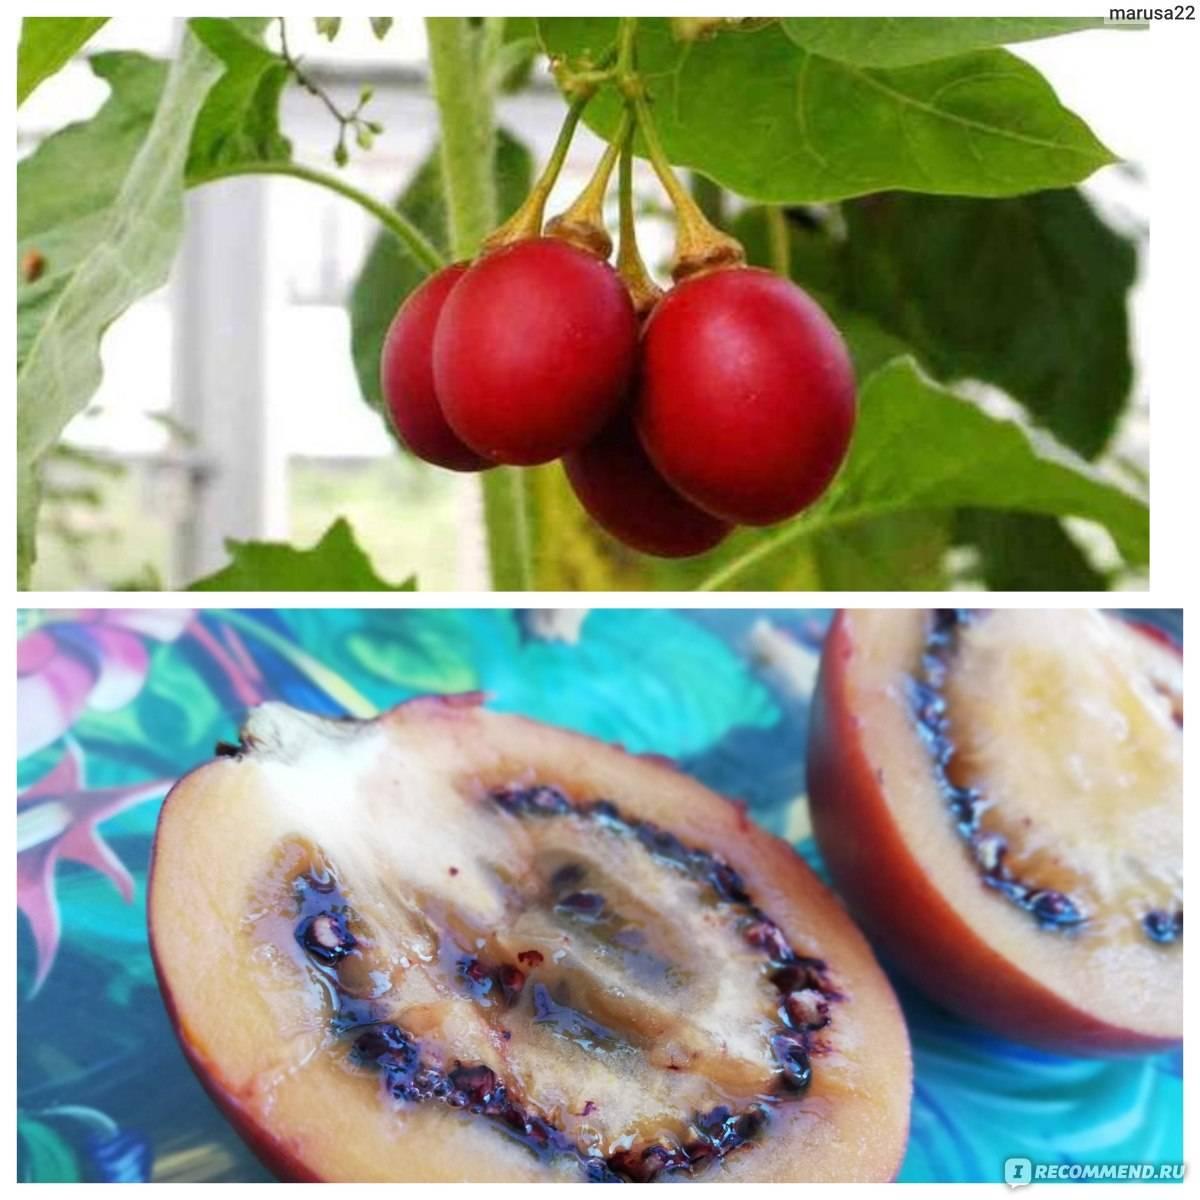 Чем полезен тамарилло фрукт, как его вырастить